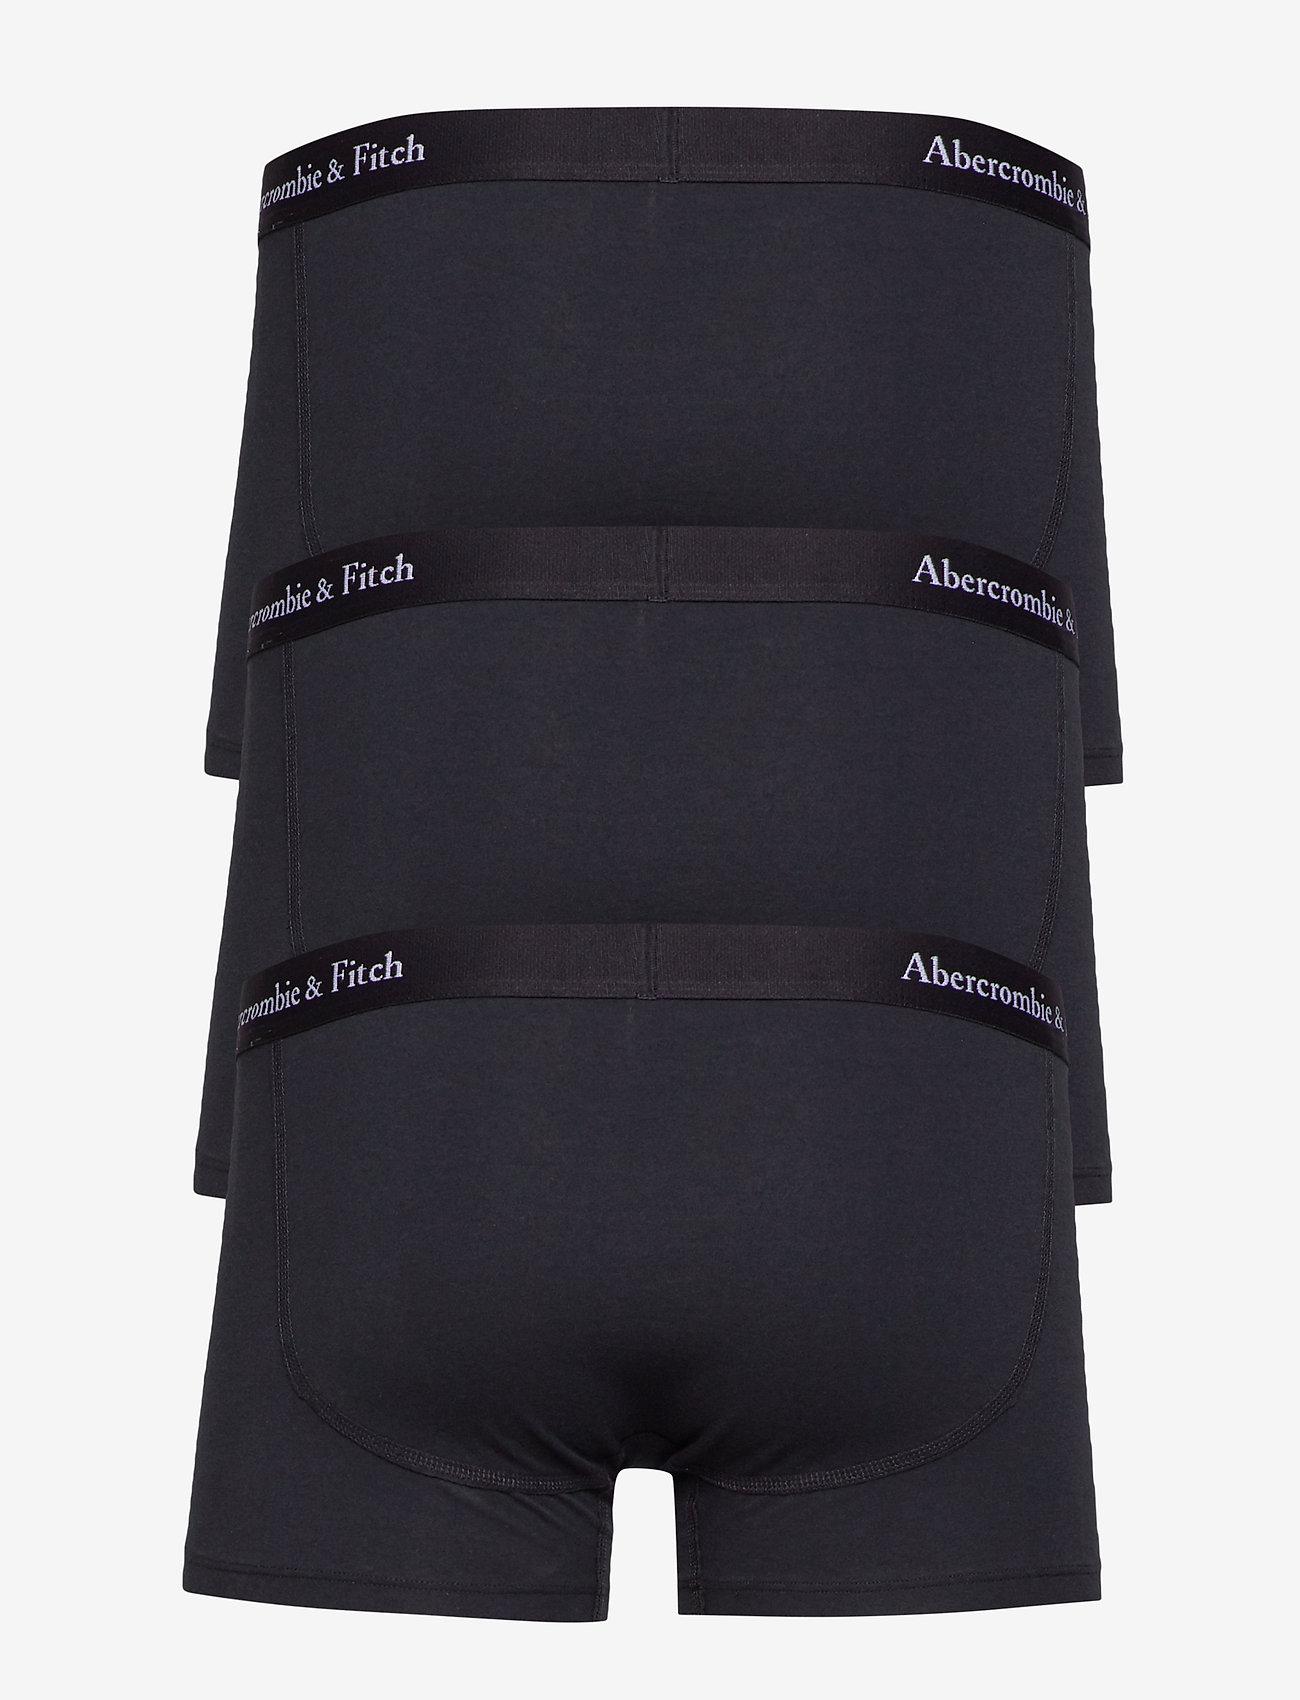 Trunk Multipack (Black Dd) (25.35 €) - Abercrombie & Fitch hRapA